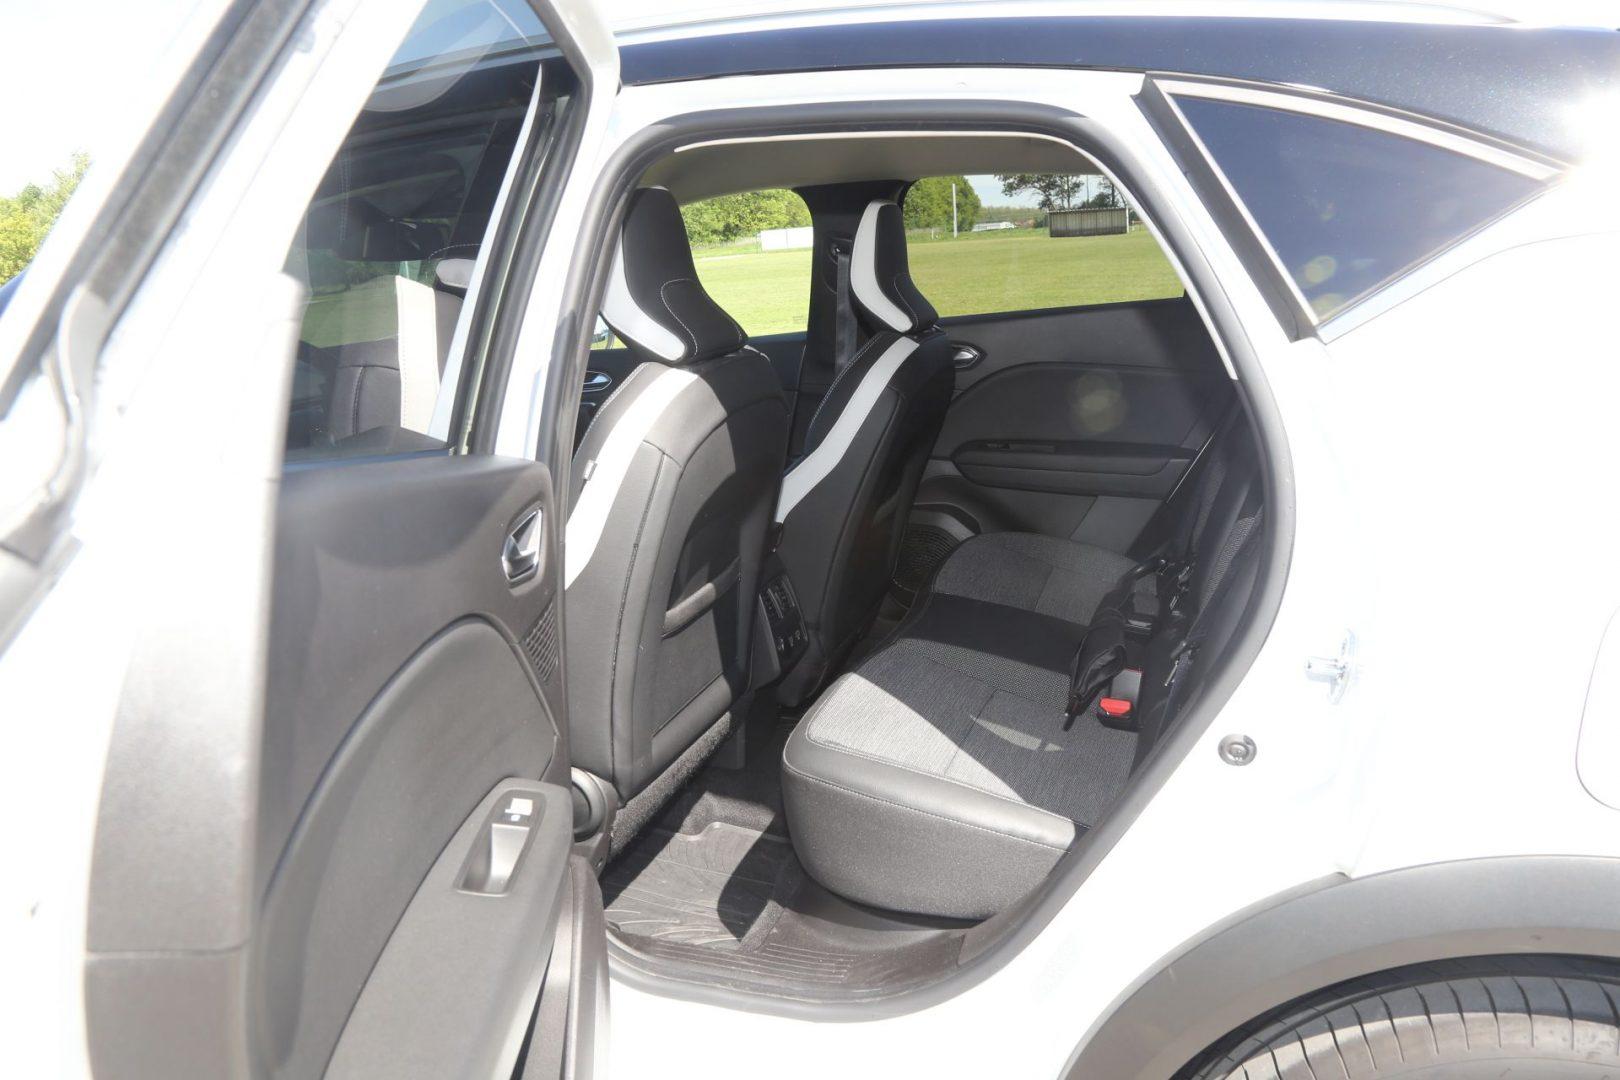 Putnici na stražnjim sjedalima imaju na raspolaganju dva USB priključka i 12 voltni priključak struje